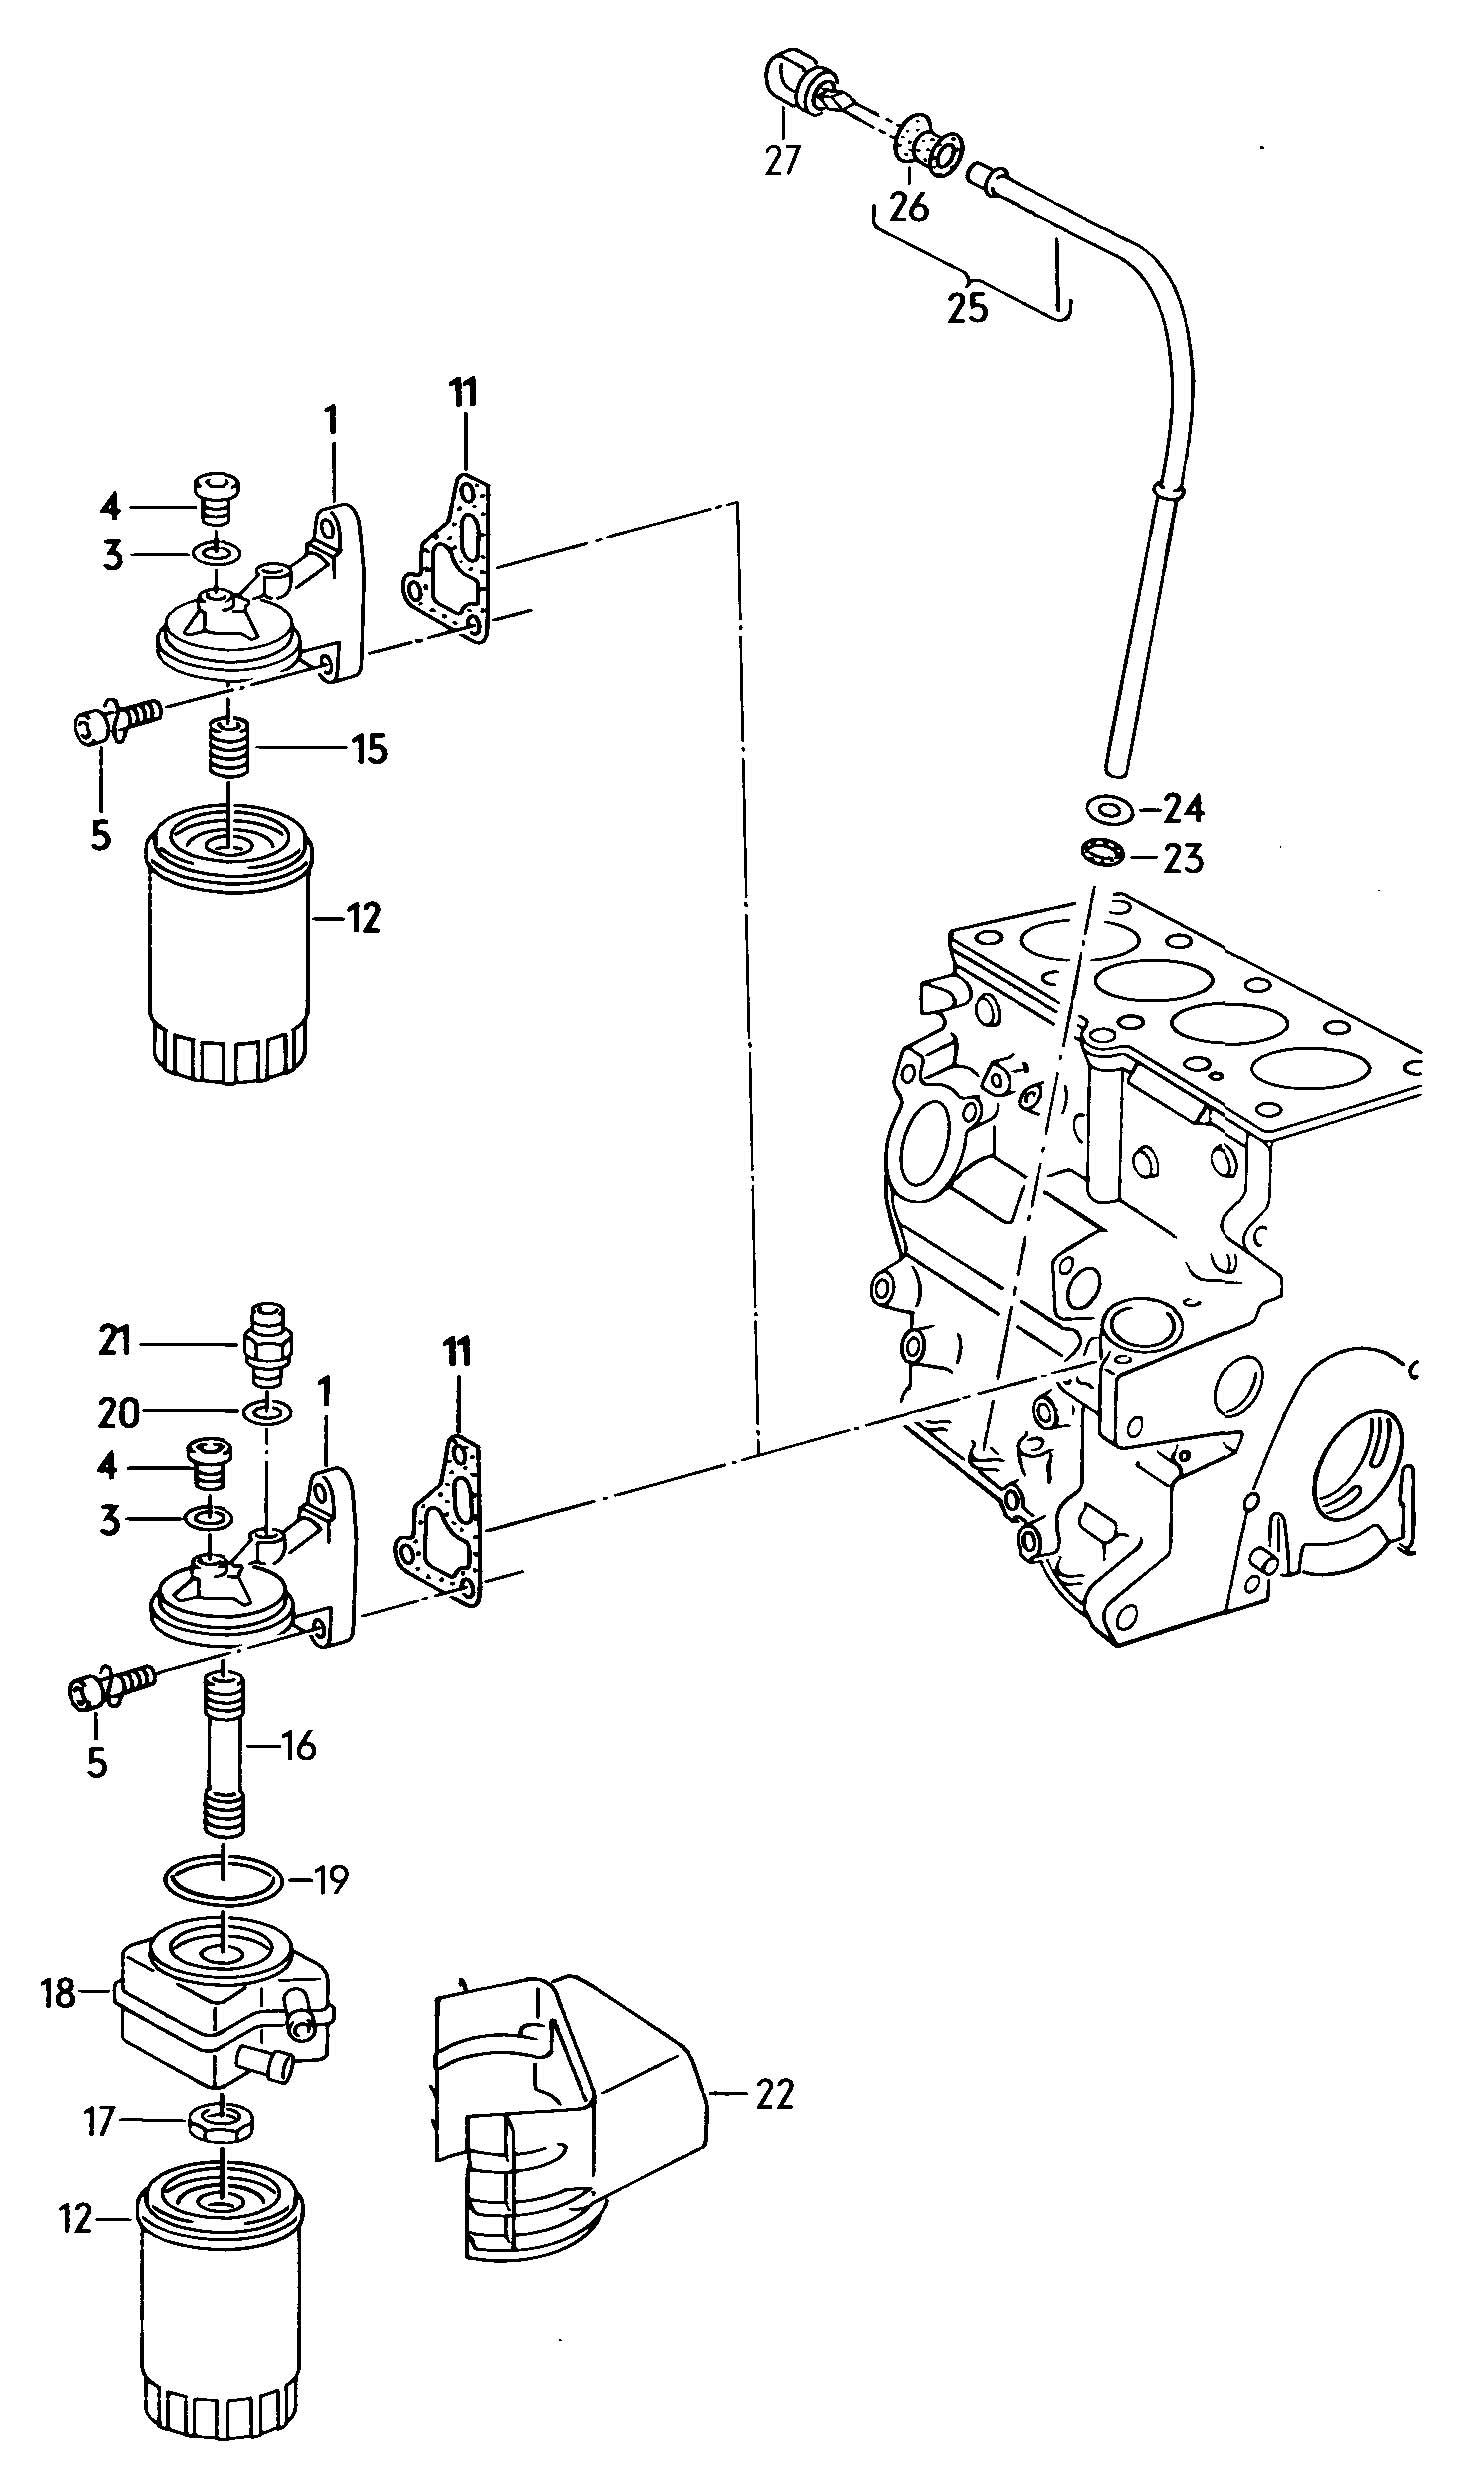 vanagon enginepartment parts diagram